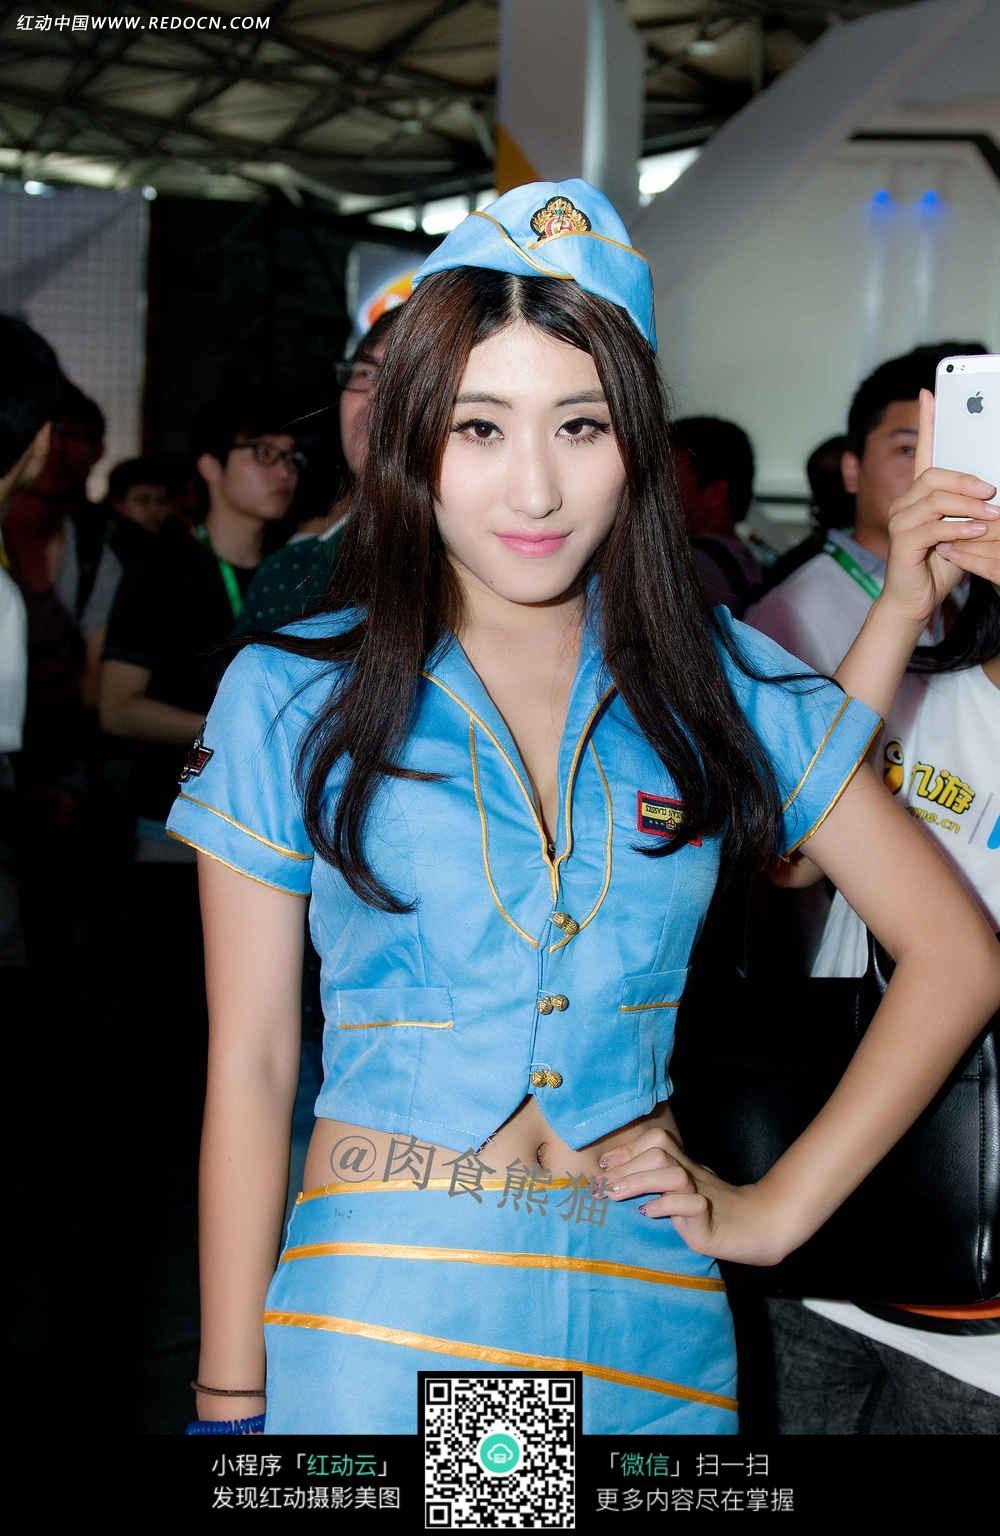 穿蓝色海军服的性感女神图片